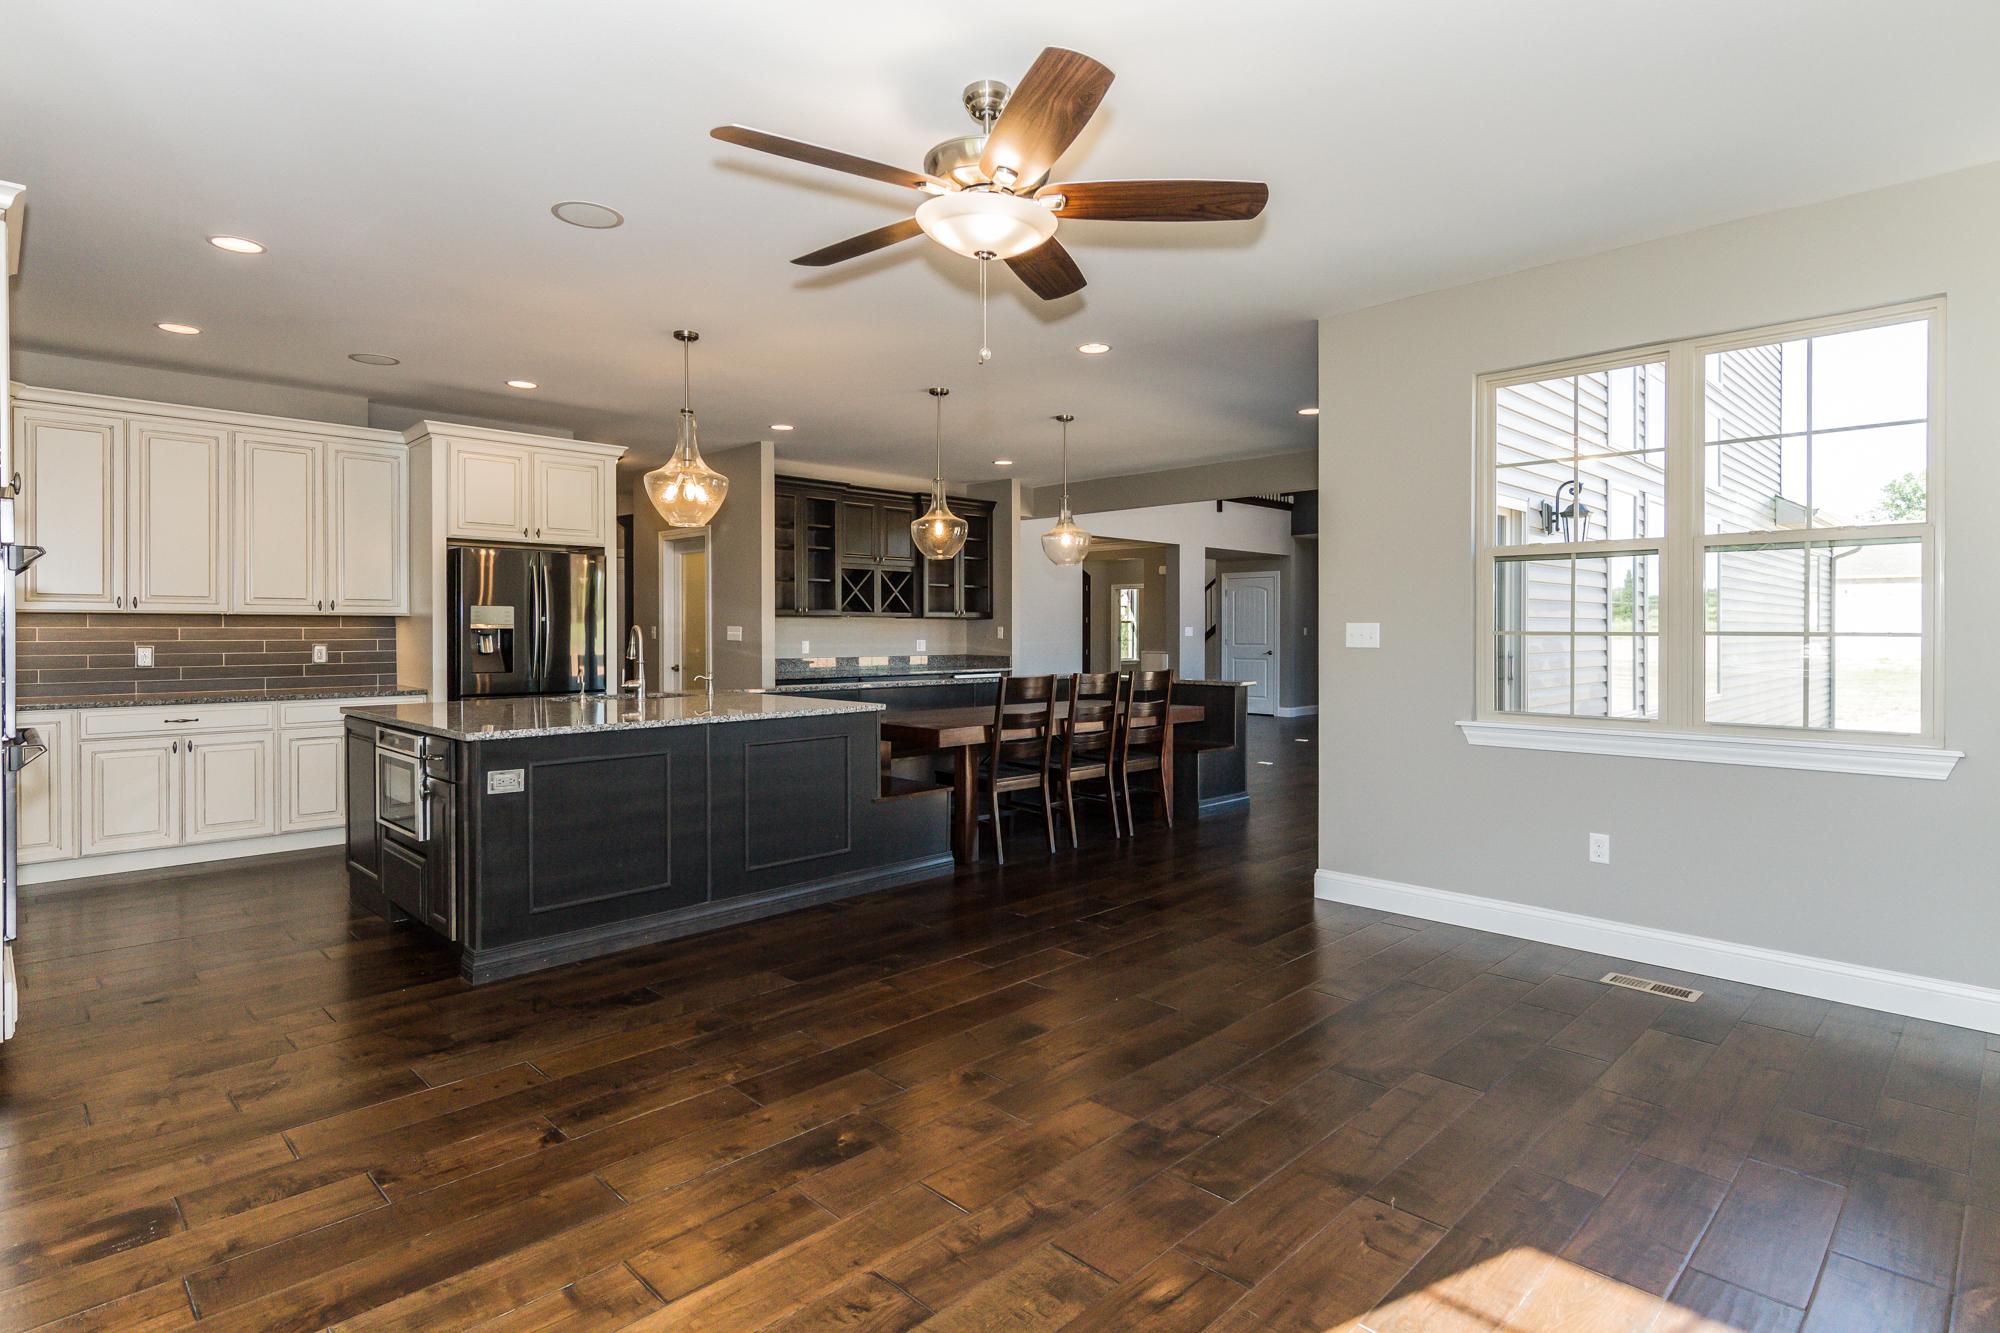 New-Construction-For-Sale-O'Fallon-Illinois-CR-Holland-0-34.jpg